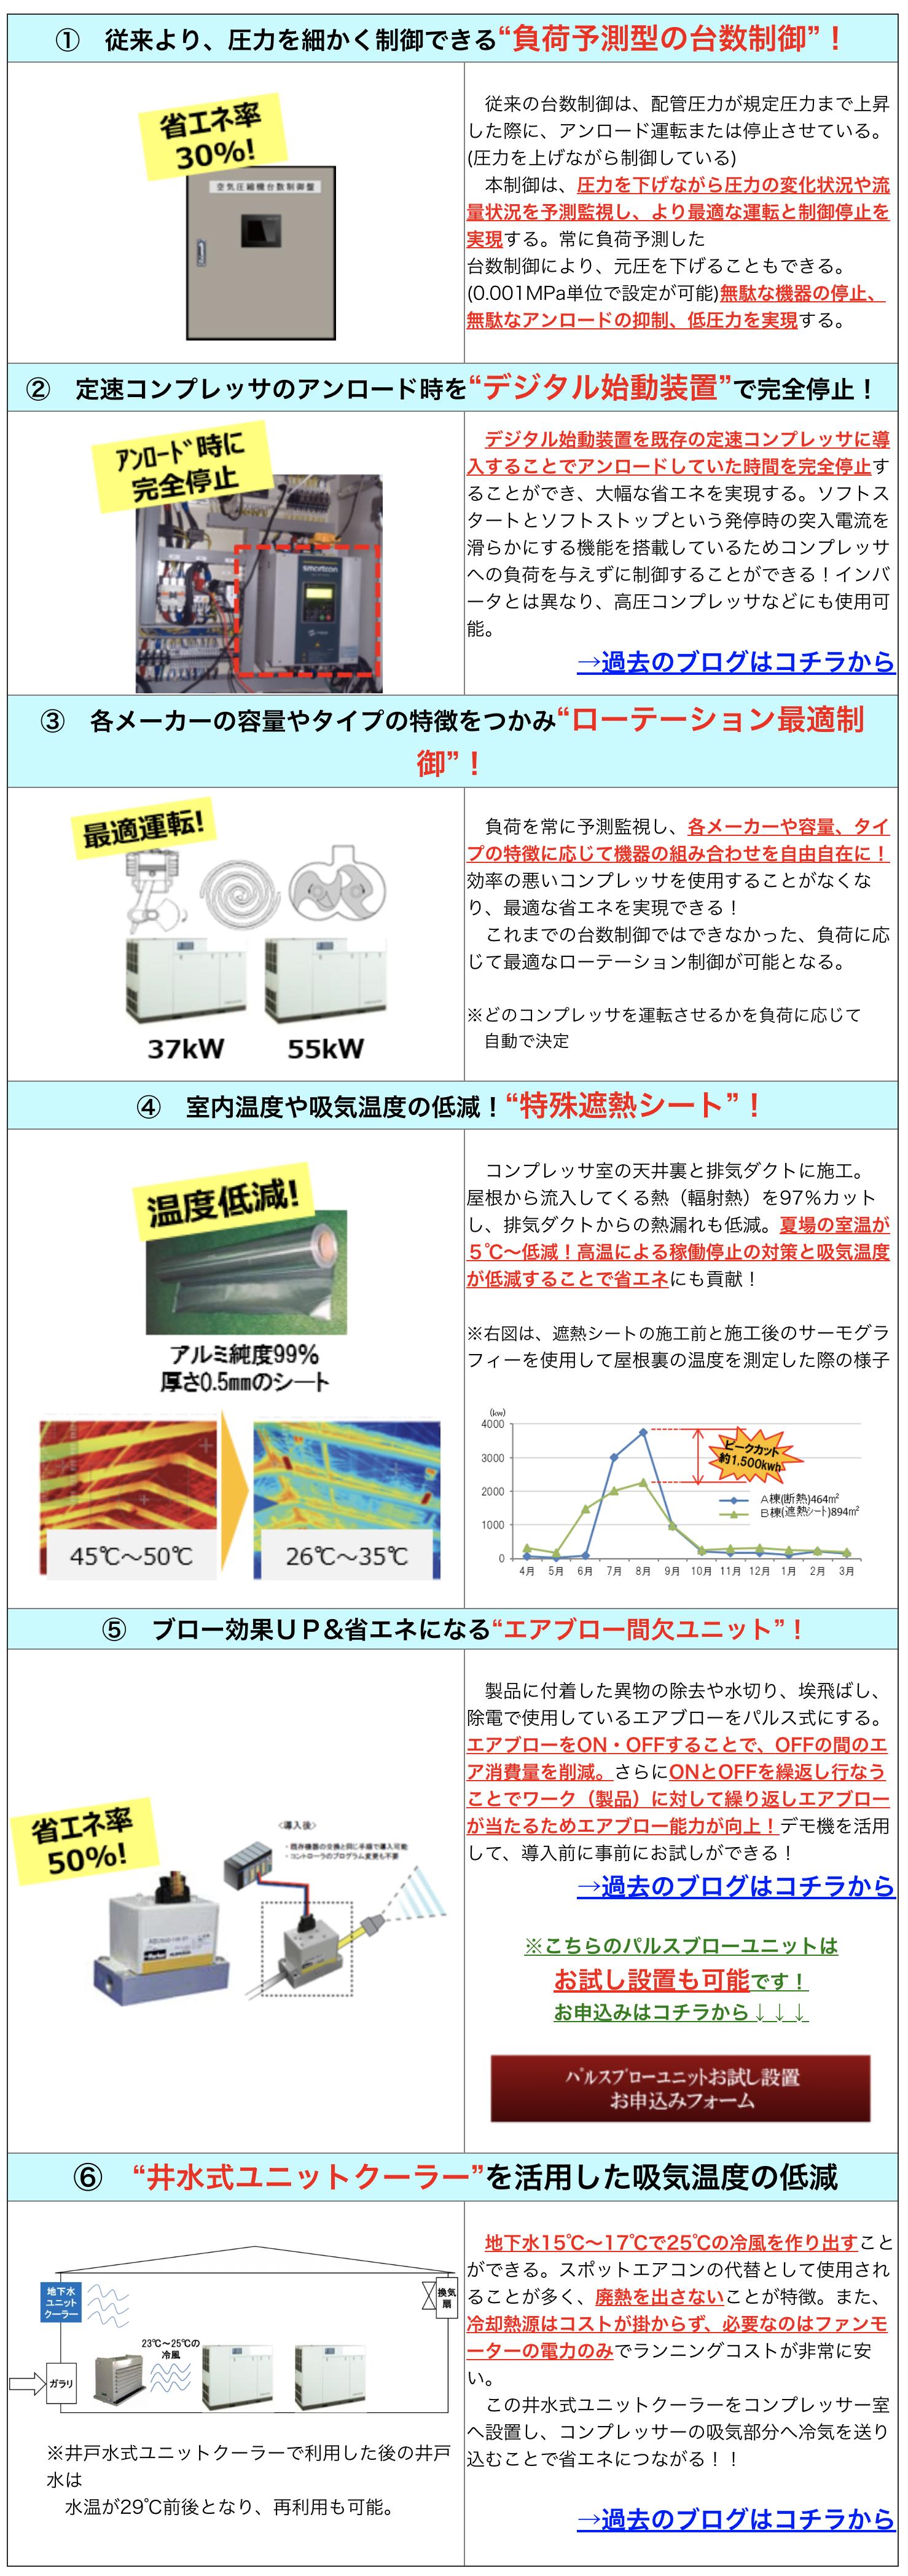 """① 従来より、圧力を細かく制御できる""""負荷予測型の台数制御""""! 072515  従来の台数制御は、配管圧力が規定圧力まで上昇した際に、アンロード運転または停止させている。(圧力を上げながら制御している)  本制御は、圧力を下げながら圧力の変化状況や流量状況を予測監視し、より最適な運転と制御停止を実現する。常に負荷予測した 台数制御により、元圧を下げることもできる。(0.001MPa単位で設定が可能)無駄な機器の停止、無駄なアンロードの抑制、低圧力を実現する。 ② 定速コンプレッサのアンロード時を""""デジタル始動装置""""で完全停止! 072516  デジタル始動装置を既存の定速コンプレッサに導入することでアンロードしていた時間を完全停止することができ、大幅な省エネを実現する。ソフトスタートとソフトストップという発停時の突入電流を滑らかにする機能を搭載しているためコンプレッサへの負荷を与えずに制御することができる!インバータとは異なり、高圧コンプレッサなどにも使用可能。 →過去のブログはコチラから ③ 各メーカーの容量やタイプの特徴をつかみ""""ローテーション最適制御""""! 072521  負荷を常に予測監視し、各メーカーや容量、タイプの特徴に応じて機器の組み合わせを自由自在に!効率の悪いコンプレッサを使用することがなくなり、最適な省エネを実現できる!  これまでの台数制御ではできなかった、負荷に応じて最適なローテーション制御が可能となる。 ※どのコンプレッサを運転させるかを負荷に応じて  自動で決定 ④ 室内温度や吸気温度の低減!""""特殊遮熱シート""""! 072518072519  コンプレッサ室の天井裏と排気ダクトに施工。 屋根から流入してくる熱(輻射熱)を97%カットし、排気ダクトからの熱漏れも低減。夏場の室温が5℃~低減!高温による稼働停止の対策と吸気温度が低減することで省エネにも貢献! ※右図は、遮熱シートの施工前と施工後のサーモグラフィーを使用して屋根裏の温度を測定した際の様子 062105 ⑤ ブロー効果UP&省エネになる""""エアブロー間欠ユニット""""! 072520  製品に付着した異物の除去や水切り、埃飛ばし、除電で使用しているエアブローをパルス式にする。エアブローをON・OFFすることで、OFFの間のエア消費量を削減。さらにONとOFFを繰返し行なうことでワーク(製品)に対して繰り返しエアブローが当たるためエアブロー能力が向上!デモ機を活用して、導入前に事前にお試しができる! →過去のブログはコチラから ※こちらのパルスブローユニットは お試し設置も可能です! お申込みはコチラから↓↓↓ 072523 ⑥ """"井水式ユニットクーラー""""を活用した吸気温度の低減 072526 ※井戸水式ユニットクーラーで利用した後の井戸水は  水温が29℃前後となり、再利用も可能。  地下水15℃~17℃で25℃の冷風を作り出すことができる。スポットエアコンの代替として使用されることが多く、廃熱を出さないことが特徴。また、冷却熱源はコストが掛からず、必要なのはファンモーターの電力のみでランニングコストが非常に安い。  この井水式ユニットクーラーをコンプレッサー室へ設置し、コンプレッサーの吸気部分へ冷気を送り込むことで省エネにつながる!! →過去のブログはコチラから"""